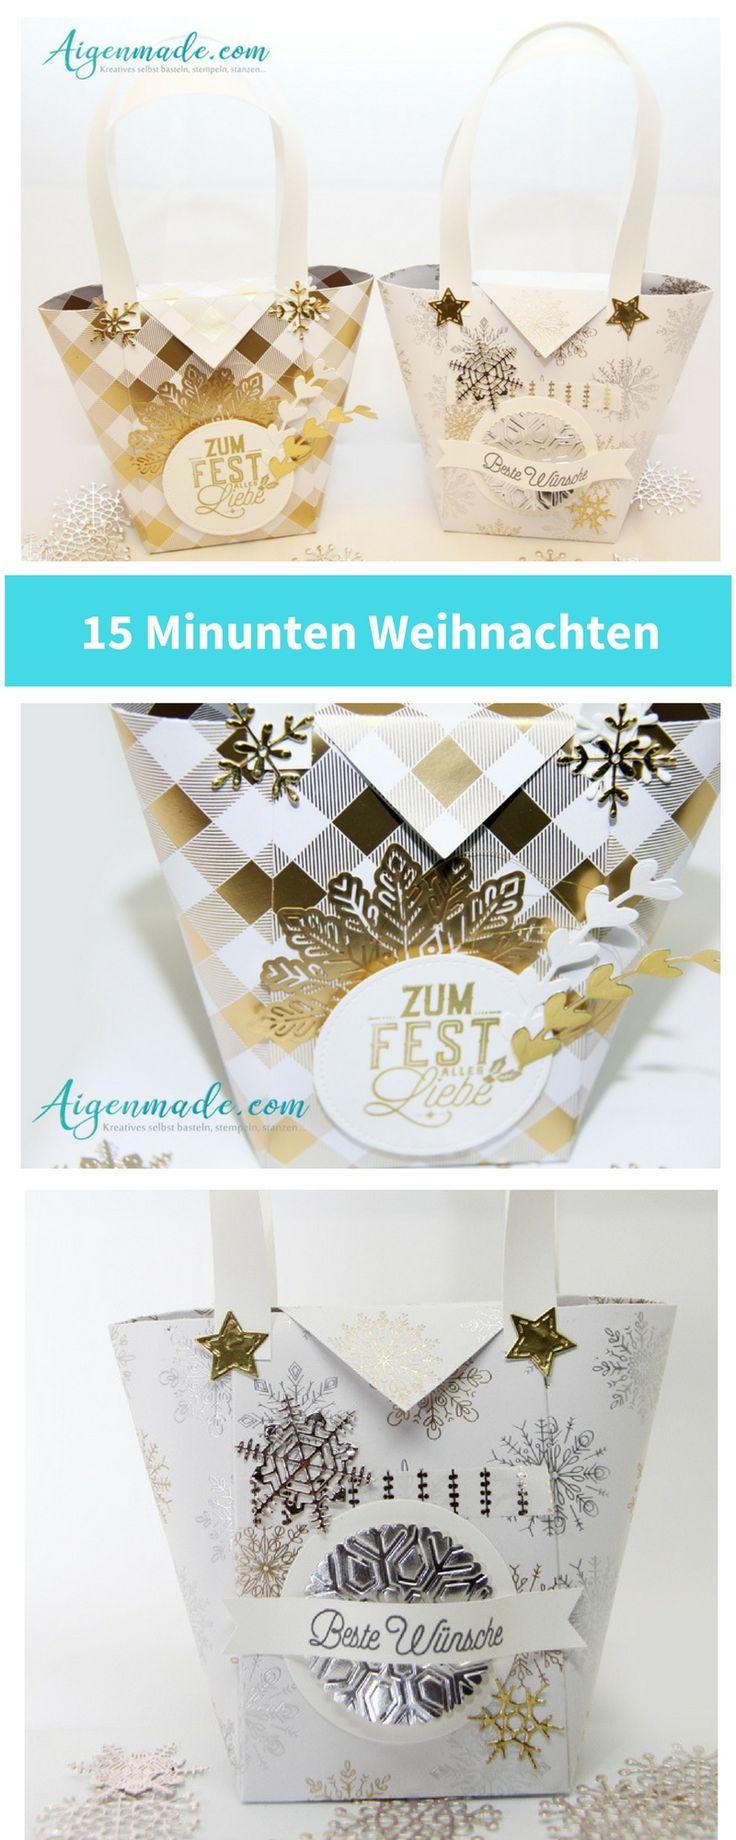 15 Minuten Weihnachten Geschenkstaschen Wellnesstaschen als Bastelidee und Geschenksidee für Weihnachtsmarkt und Adventsmarkt #bastelideen #geschenksidee #Weihnachtsmarkt #adventmarkt #wellnesstasche #diy #stempeln #stampinup